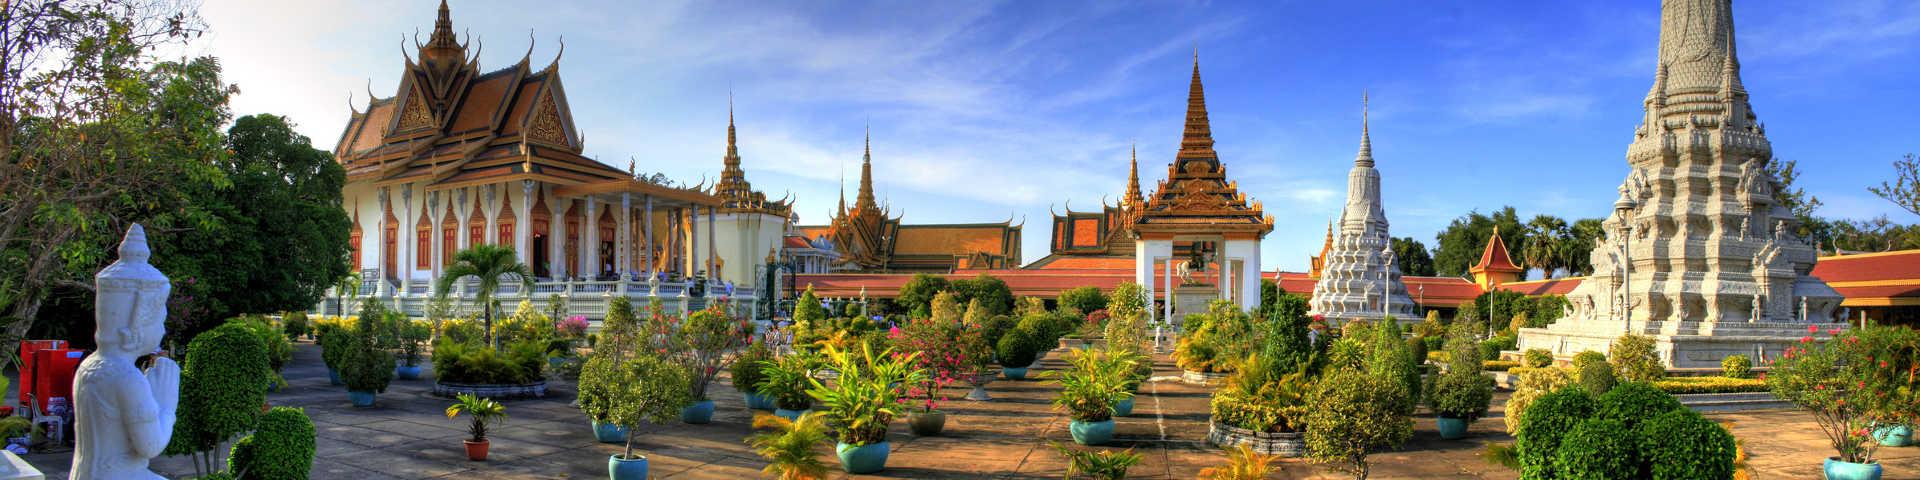 Phnom penh hero1